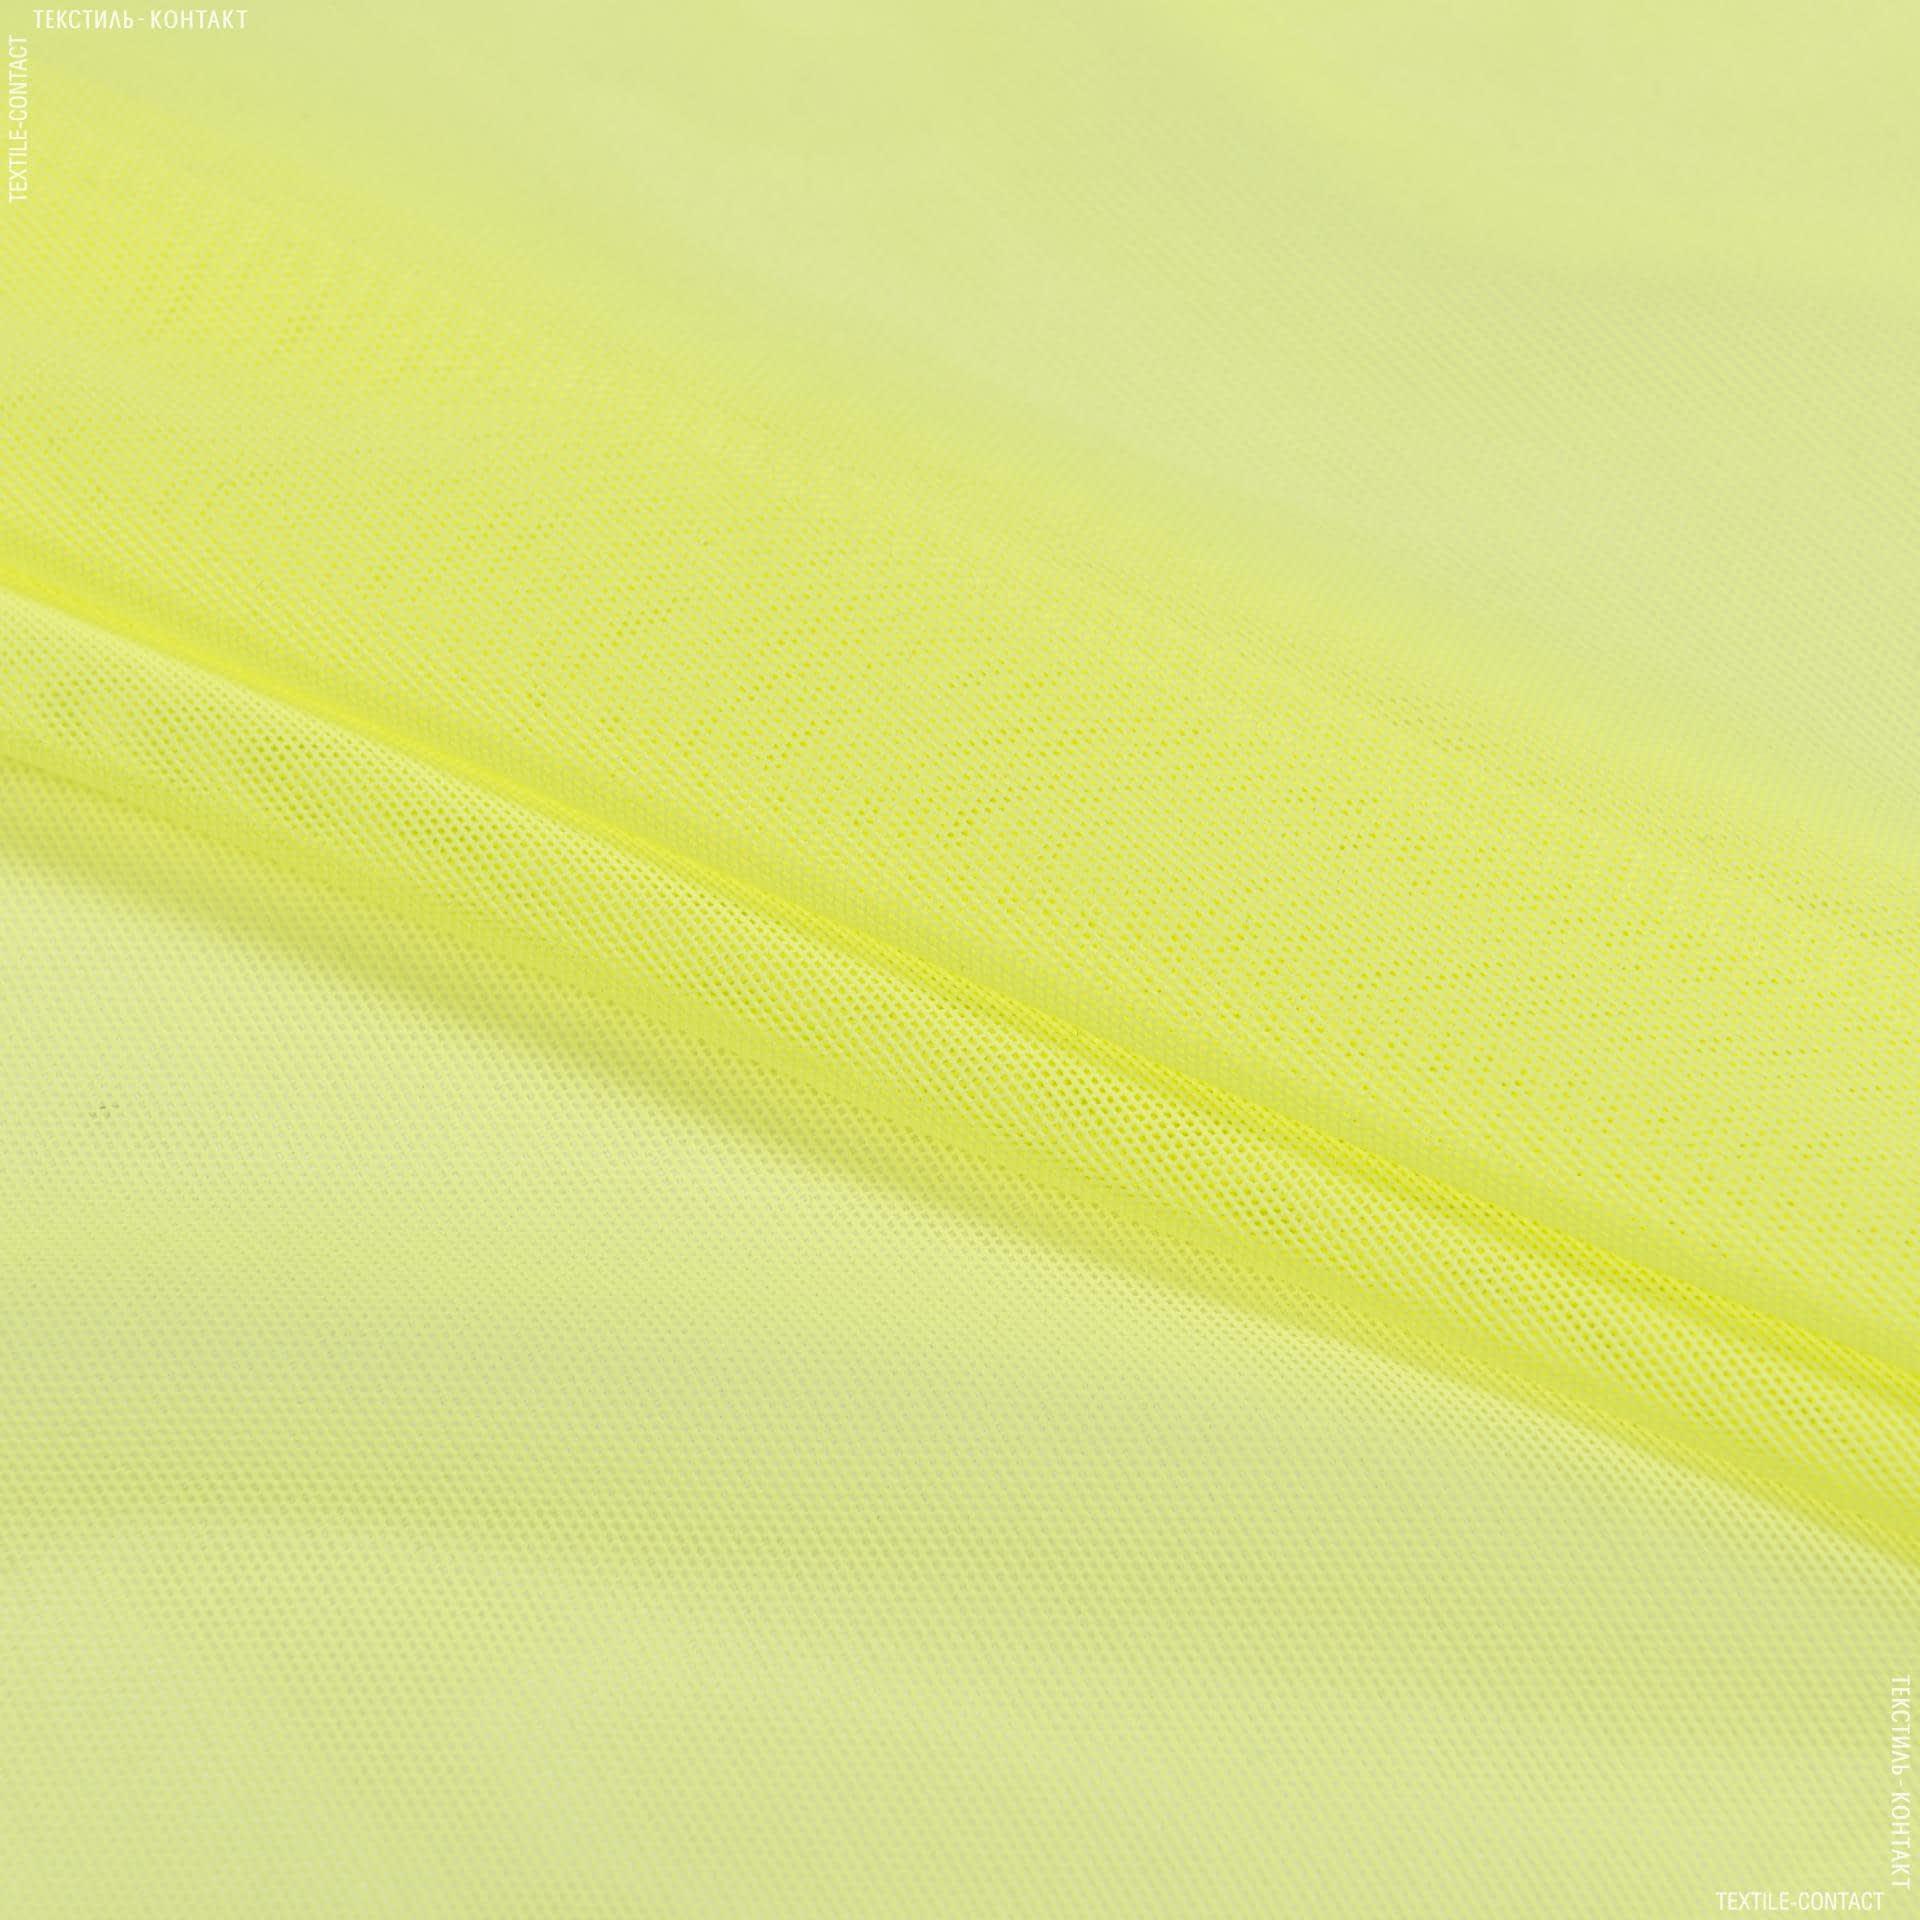 Ткани для спортивной одежды - Сетка стрейч ярко-лимонный